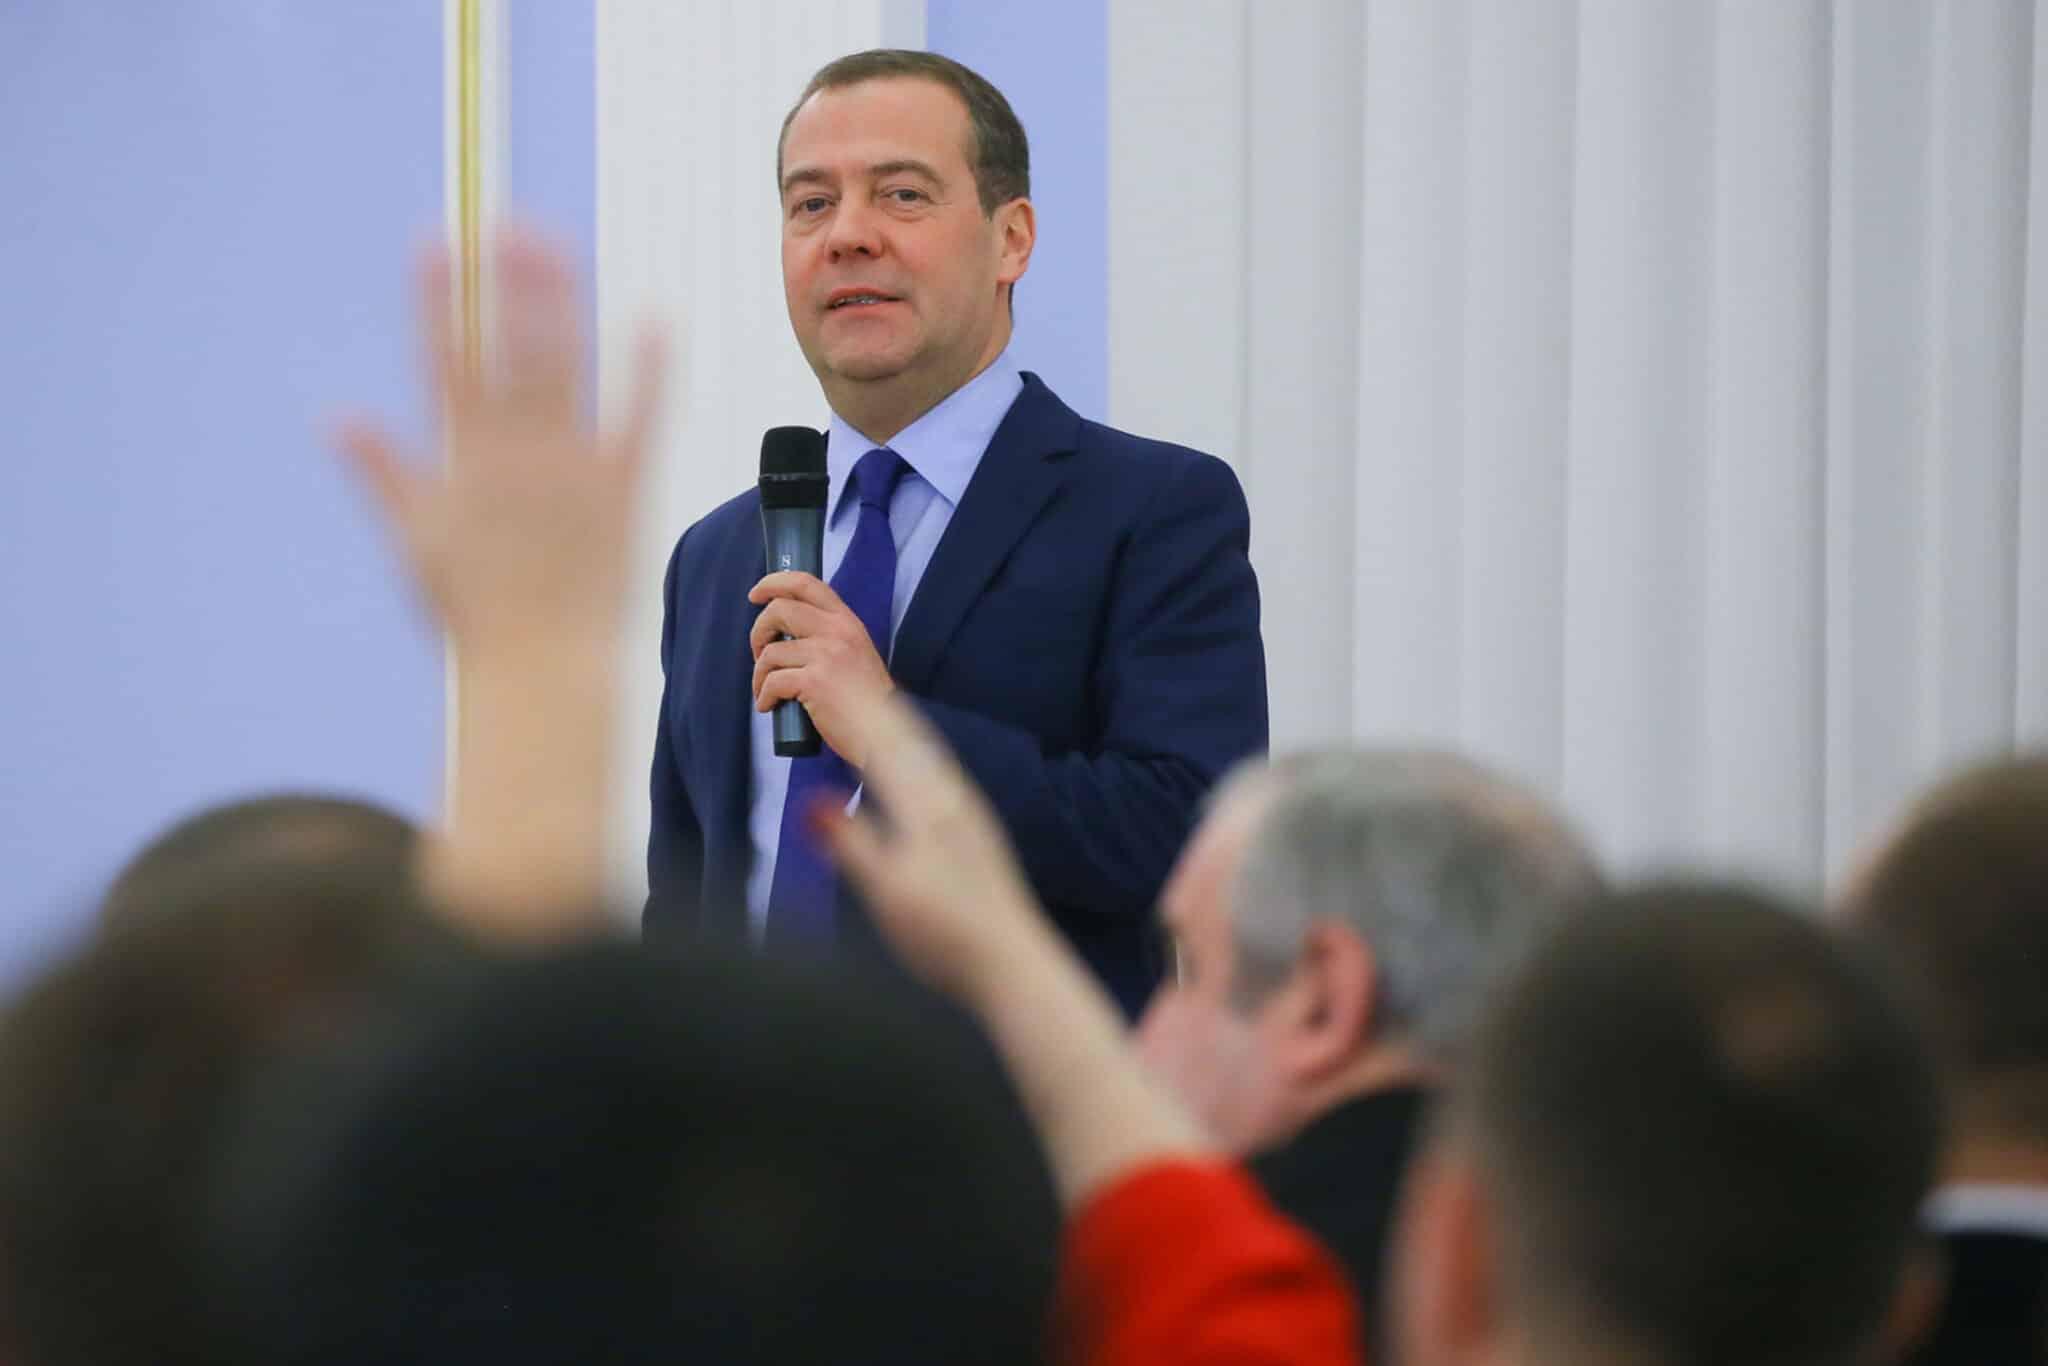 Экс-премьер Дмитрий Медведев уверен, переход на четырехдневную рабочую неделю не за горами